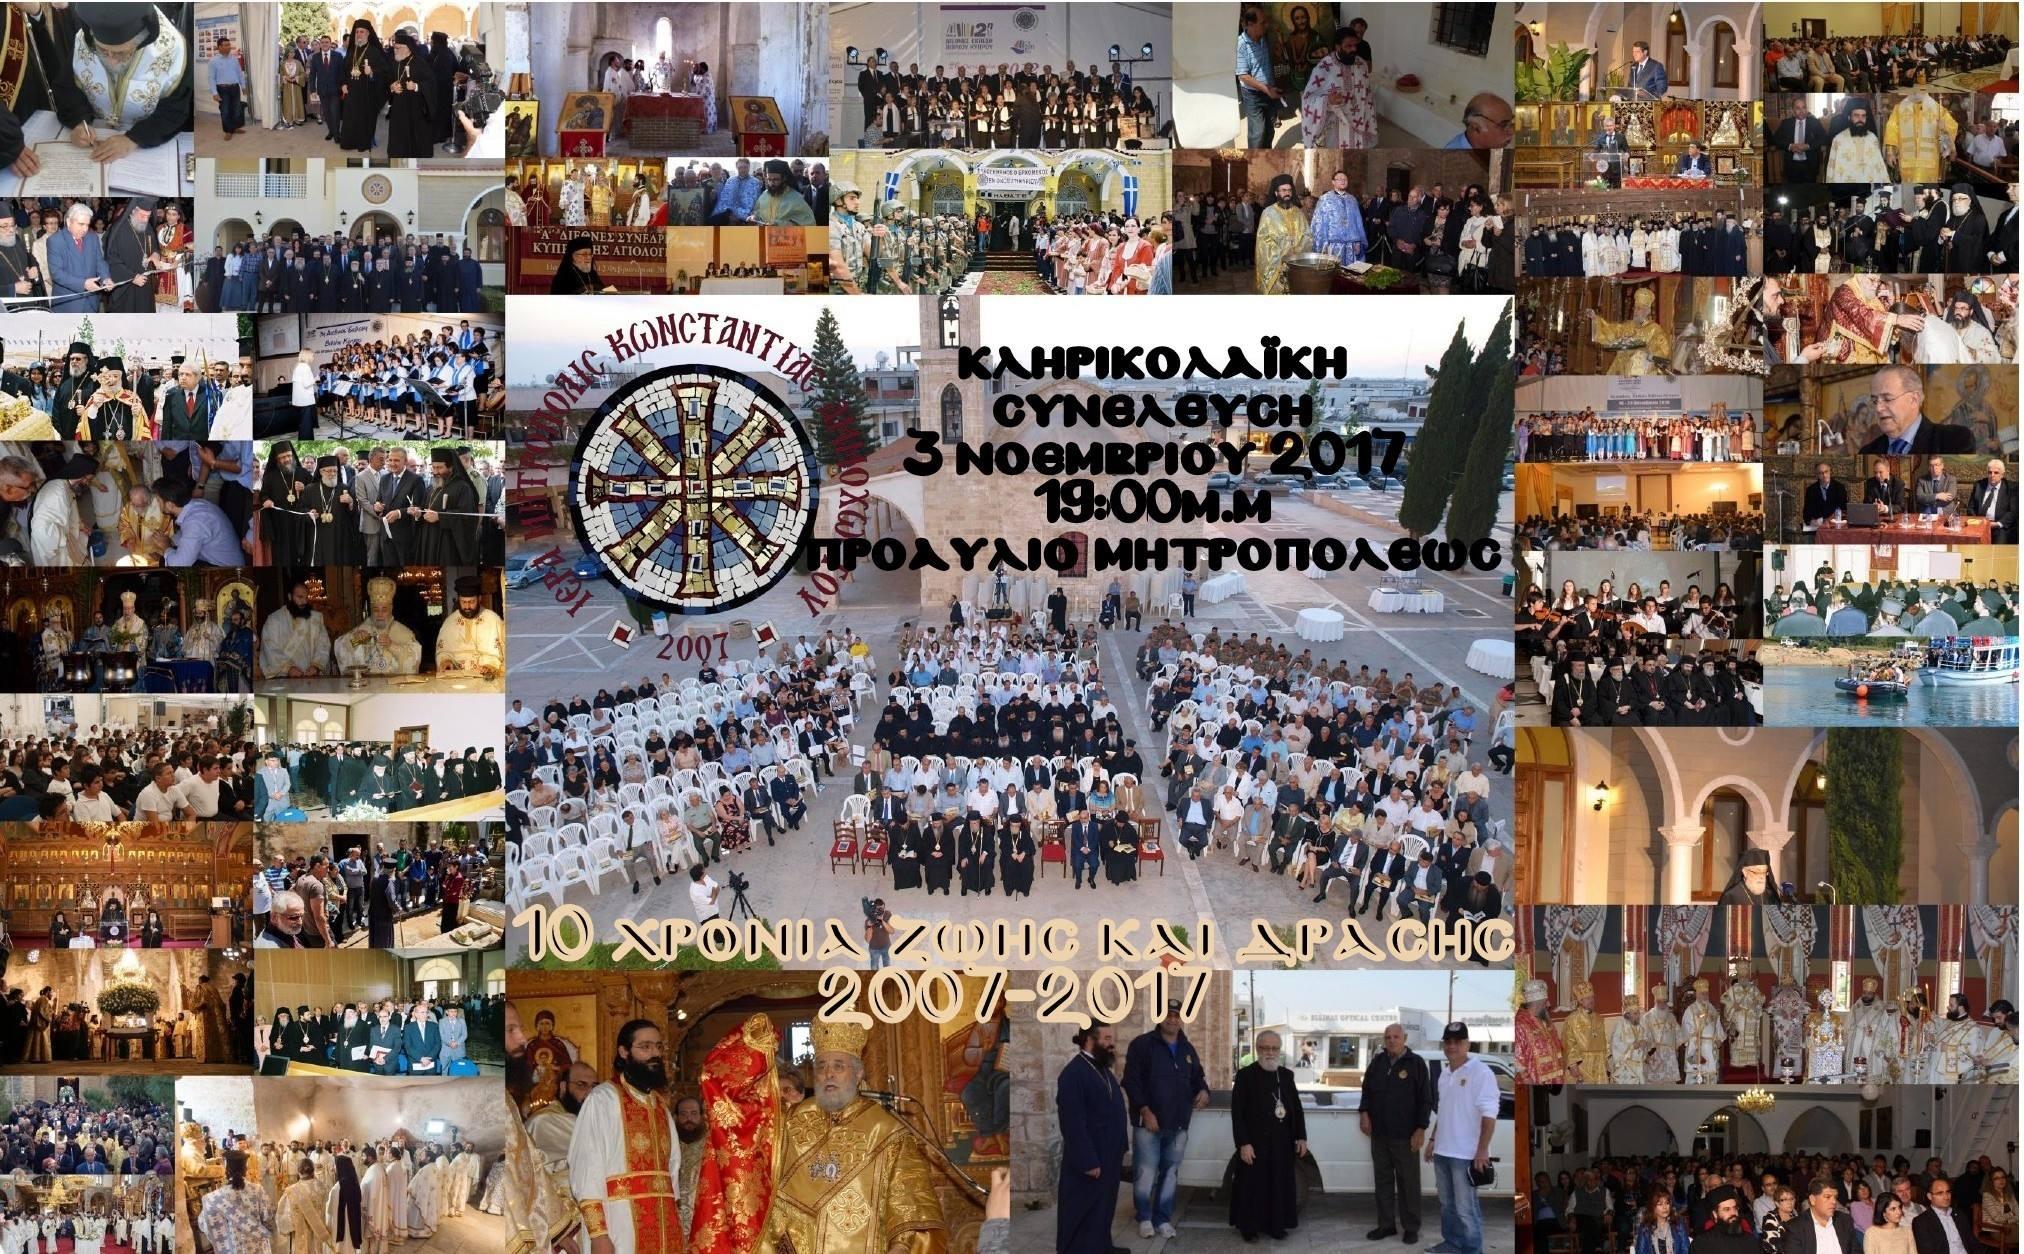 Κληρικολαϊκή Συνέλευση: 10 χρόνια (2007-2017) από την ανασύσταση της Ιεράς Μητροπόλεως